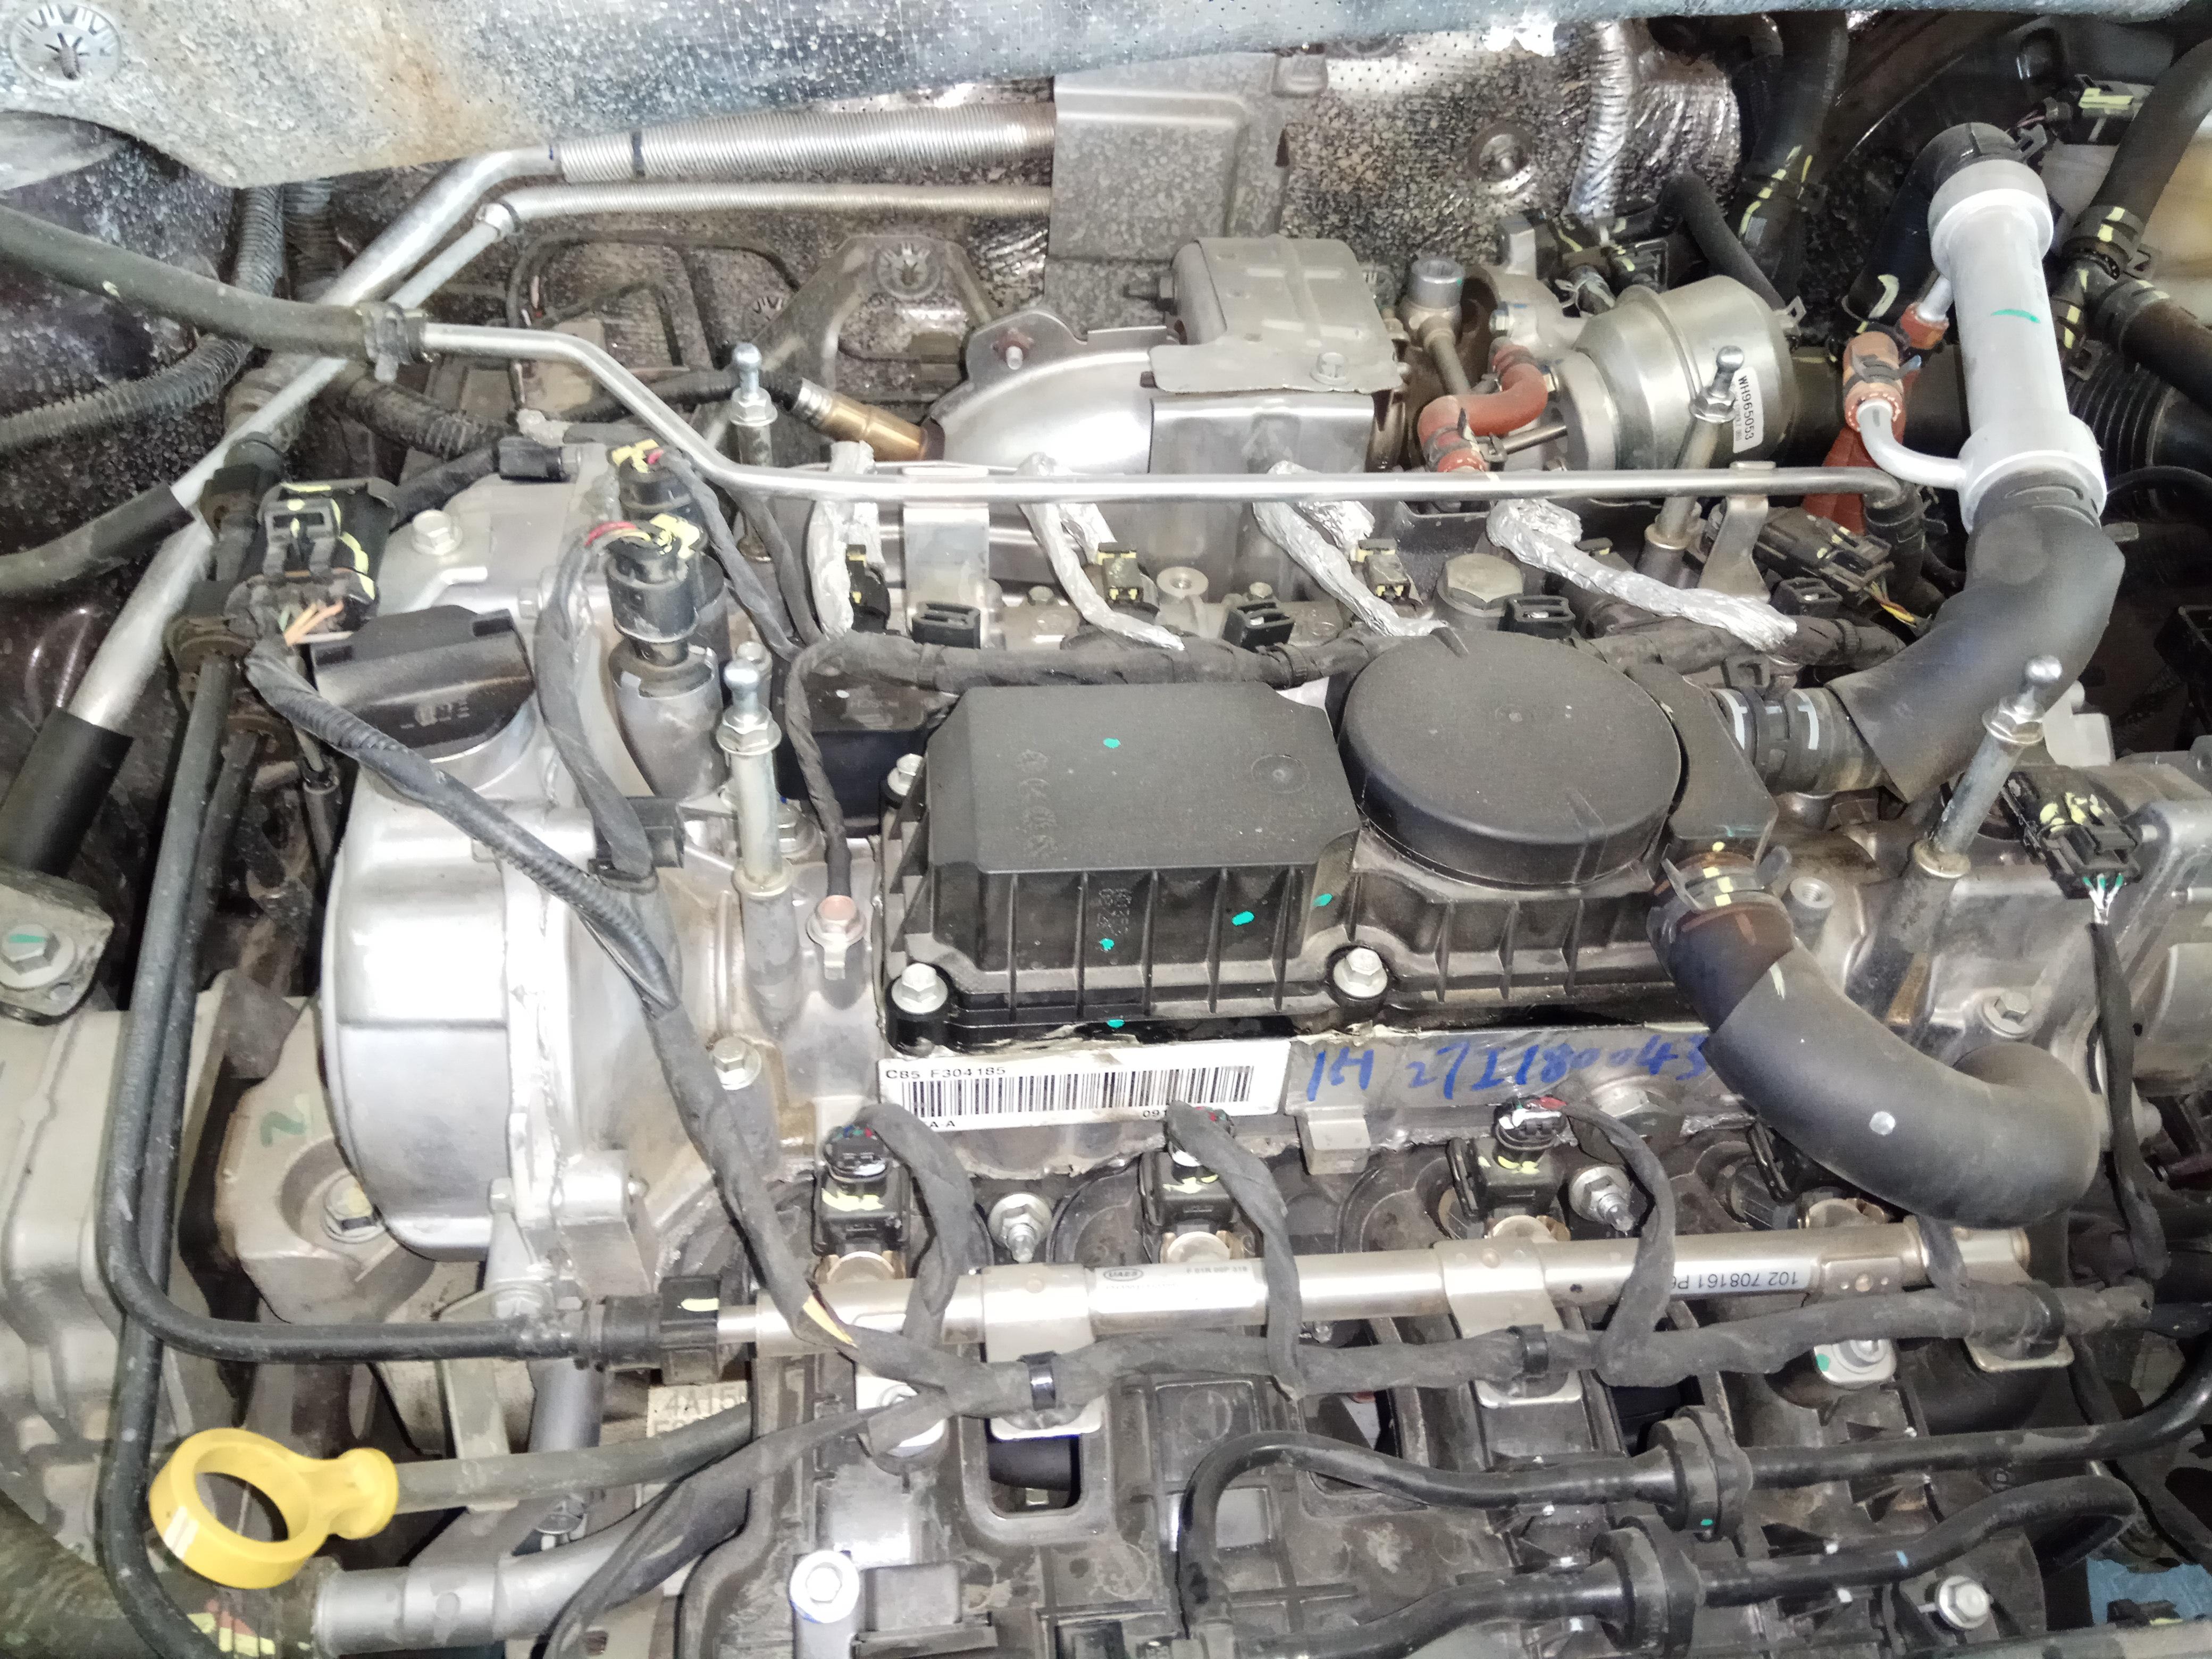 廣汽傳祺-傳祺GS4 新車起動后,發動機出現異響